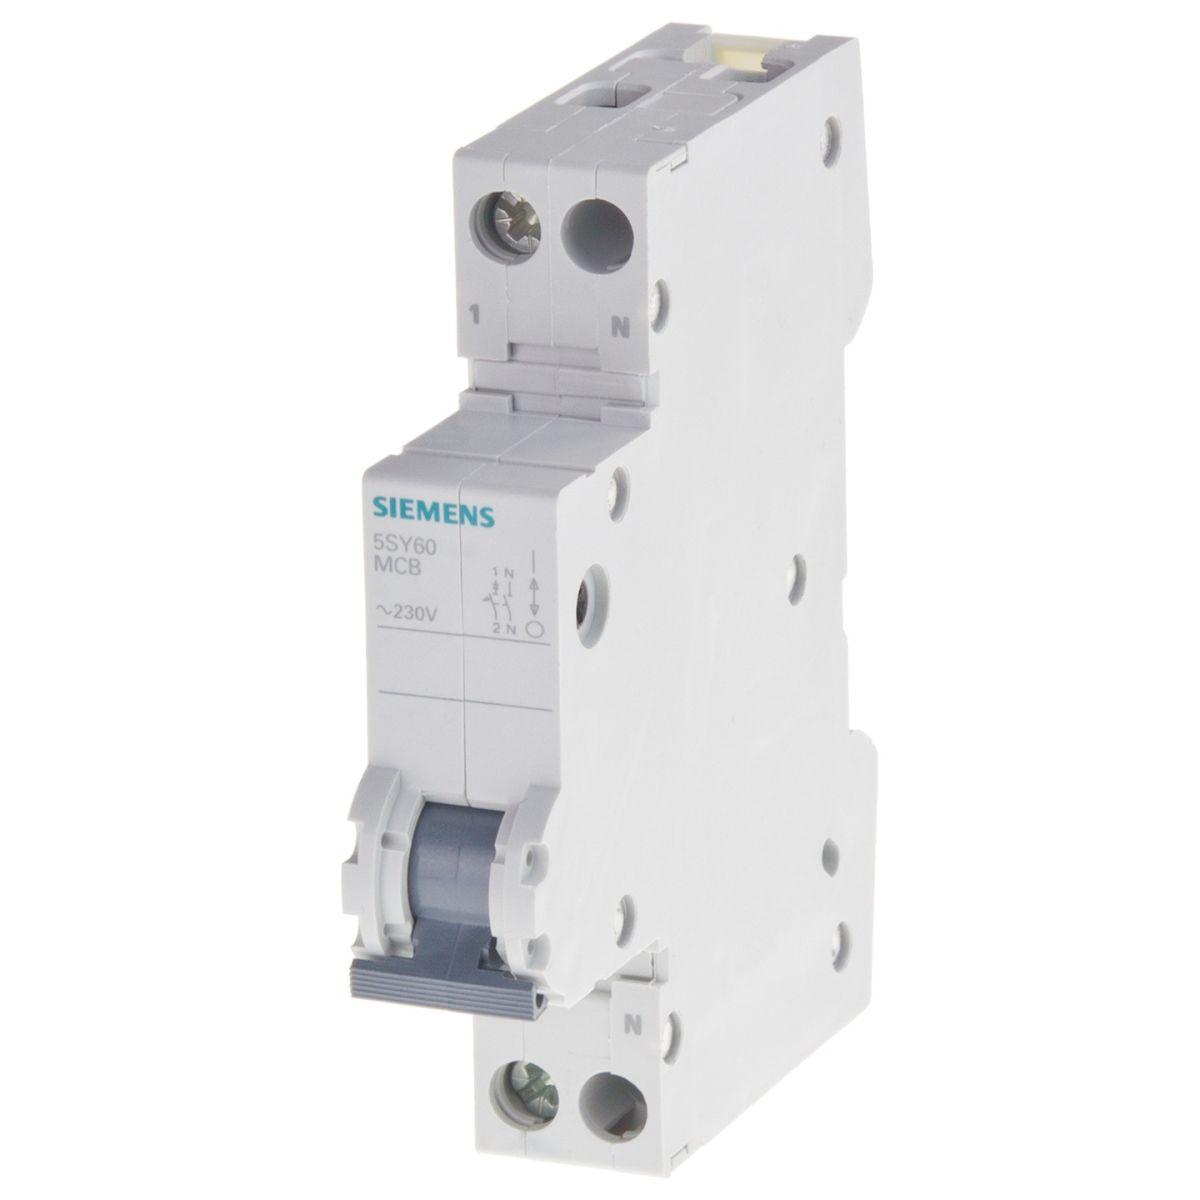 29741 siemens circuit breaker 5sy60167